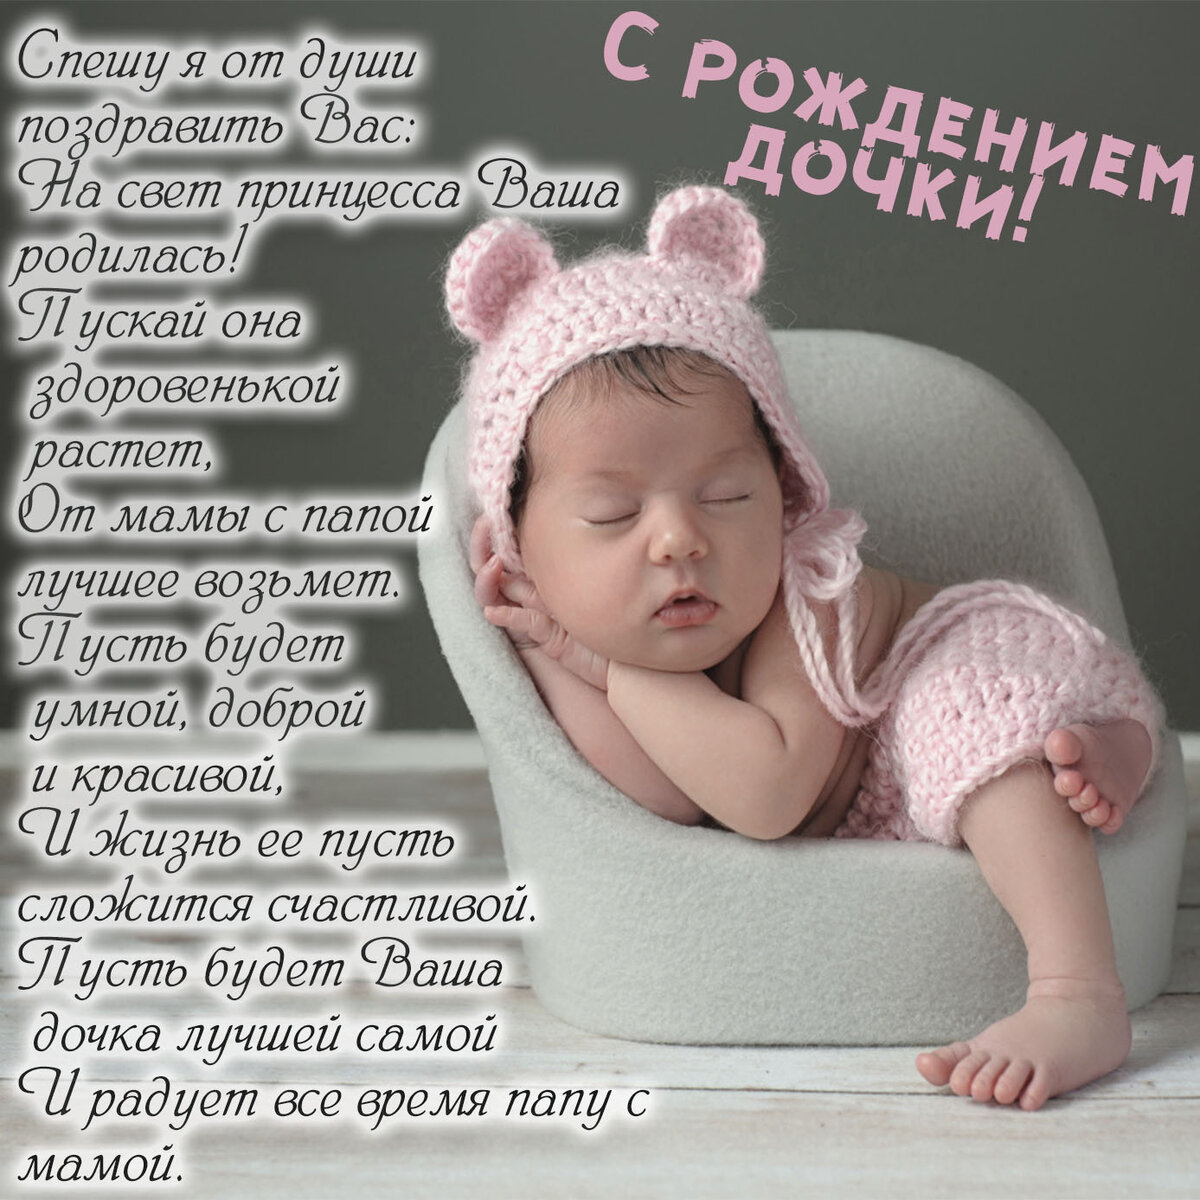 Поздравляю с рождением дочки картинка для ватсапа